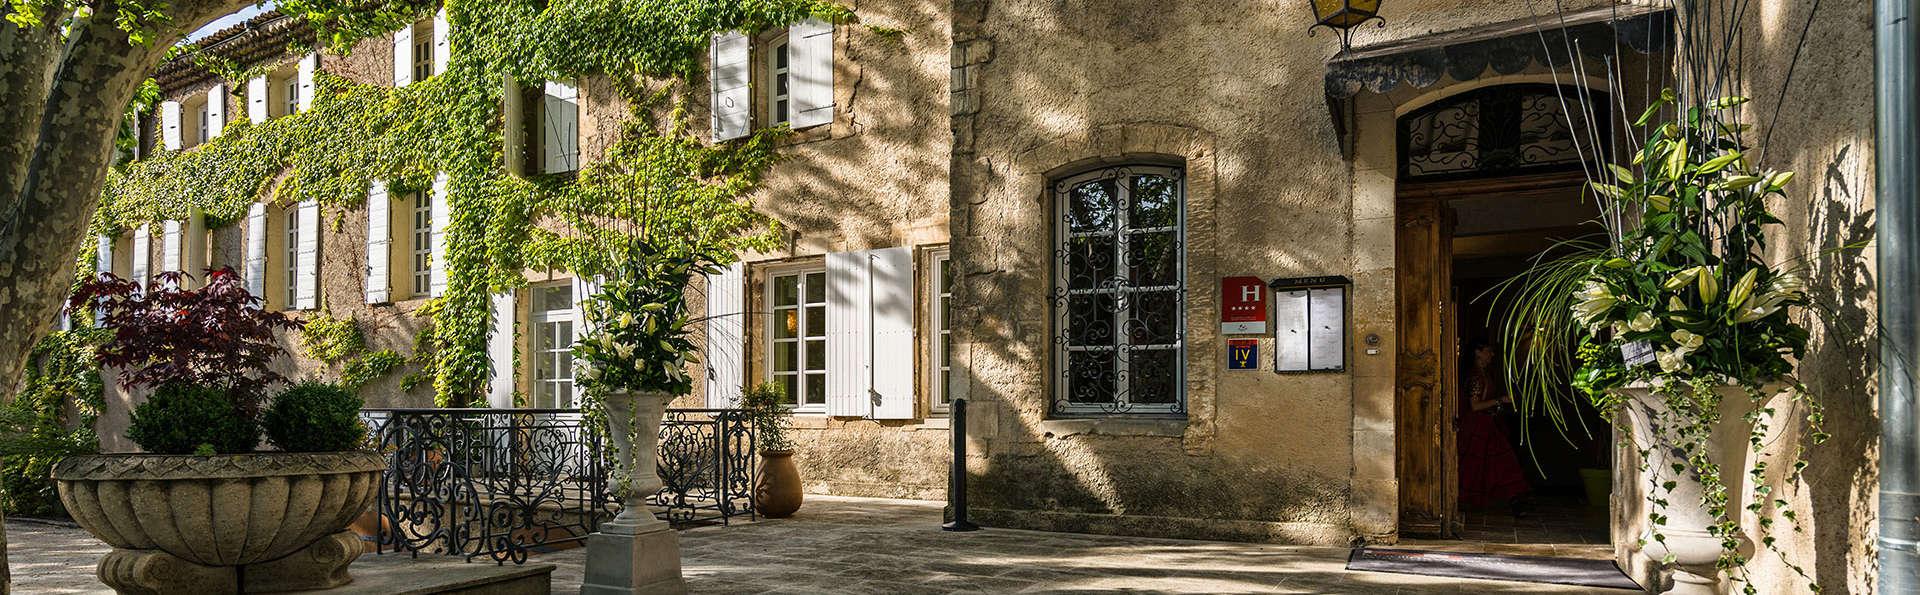 Le Moulin de Vernègues Hôtel et Spa Les Collectionneurs - EDIT_front1.jpg